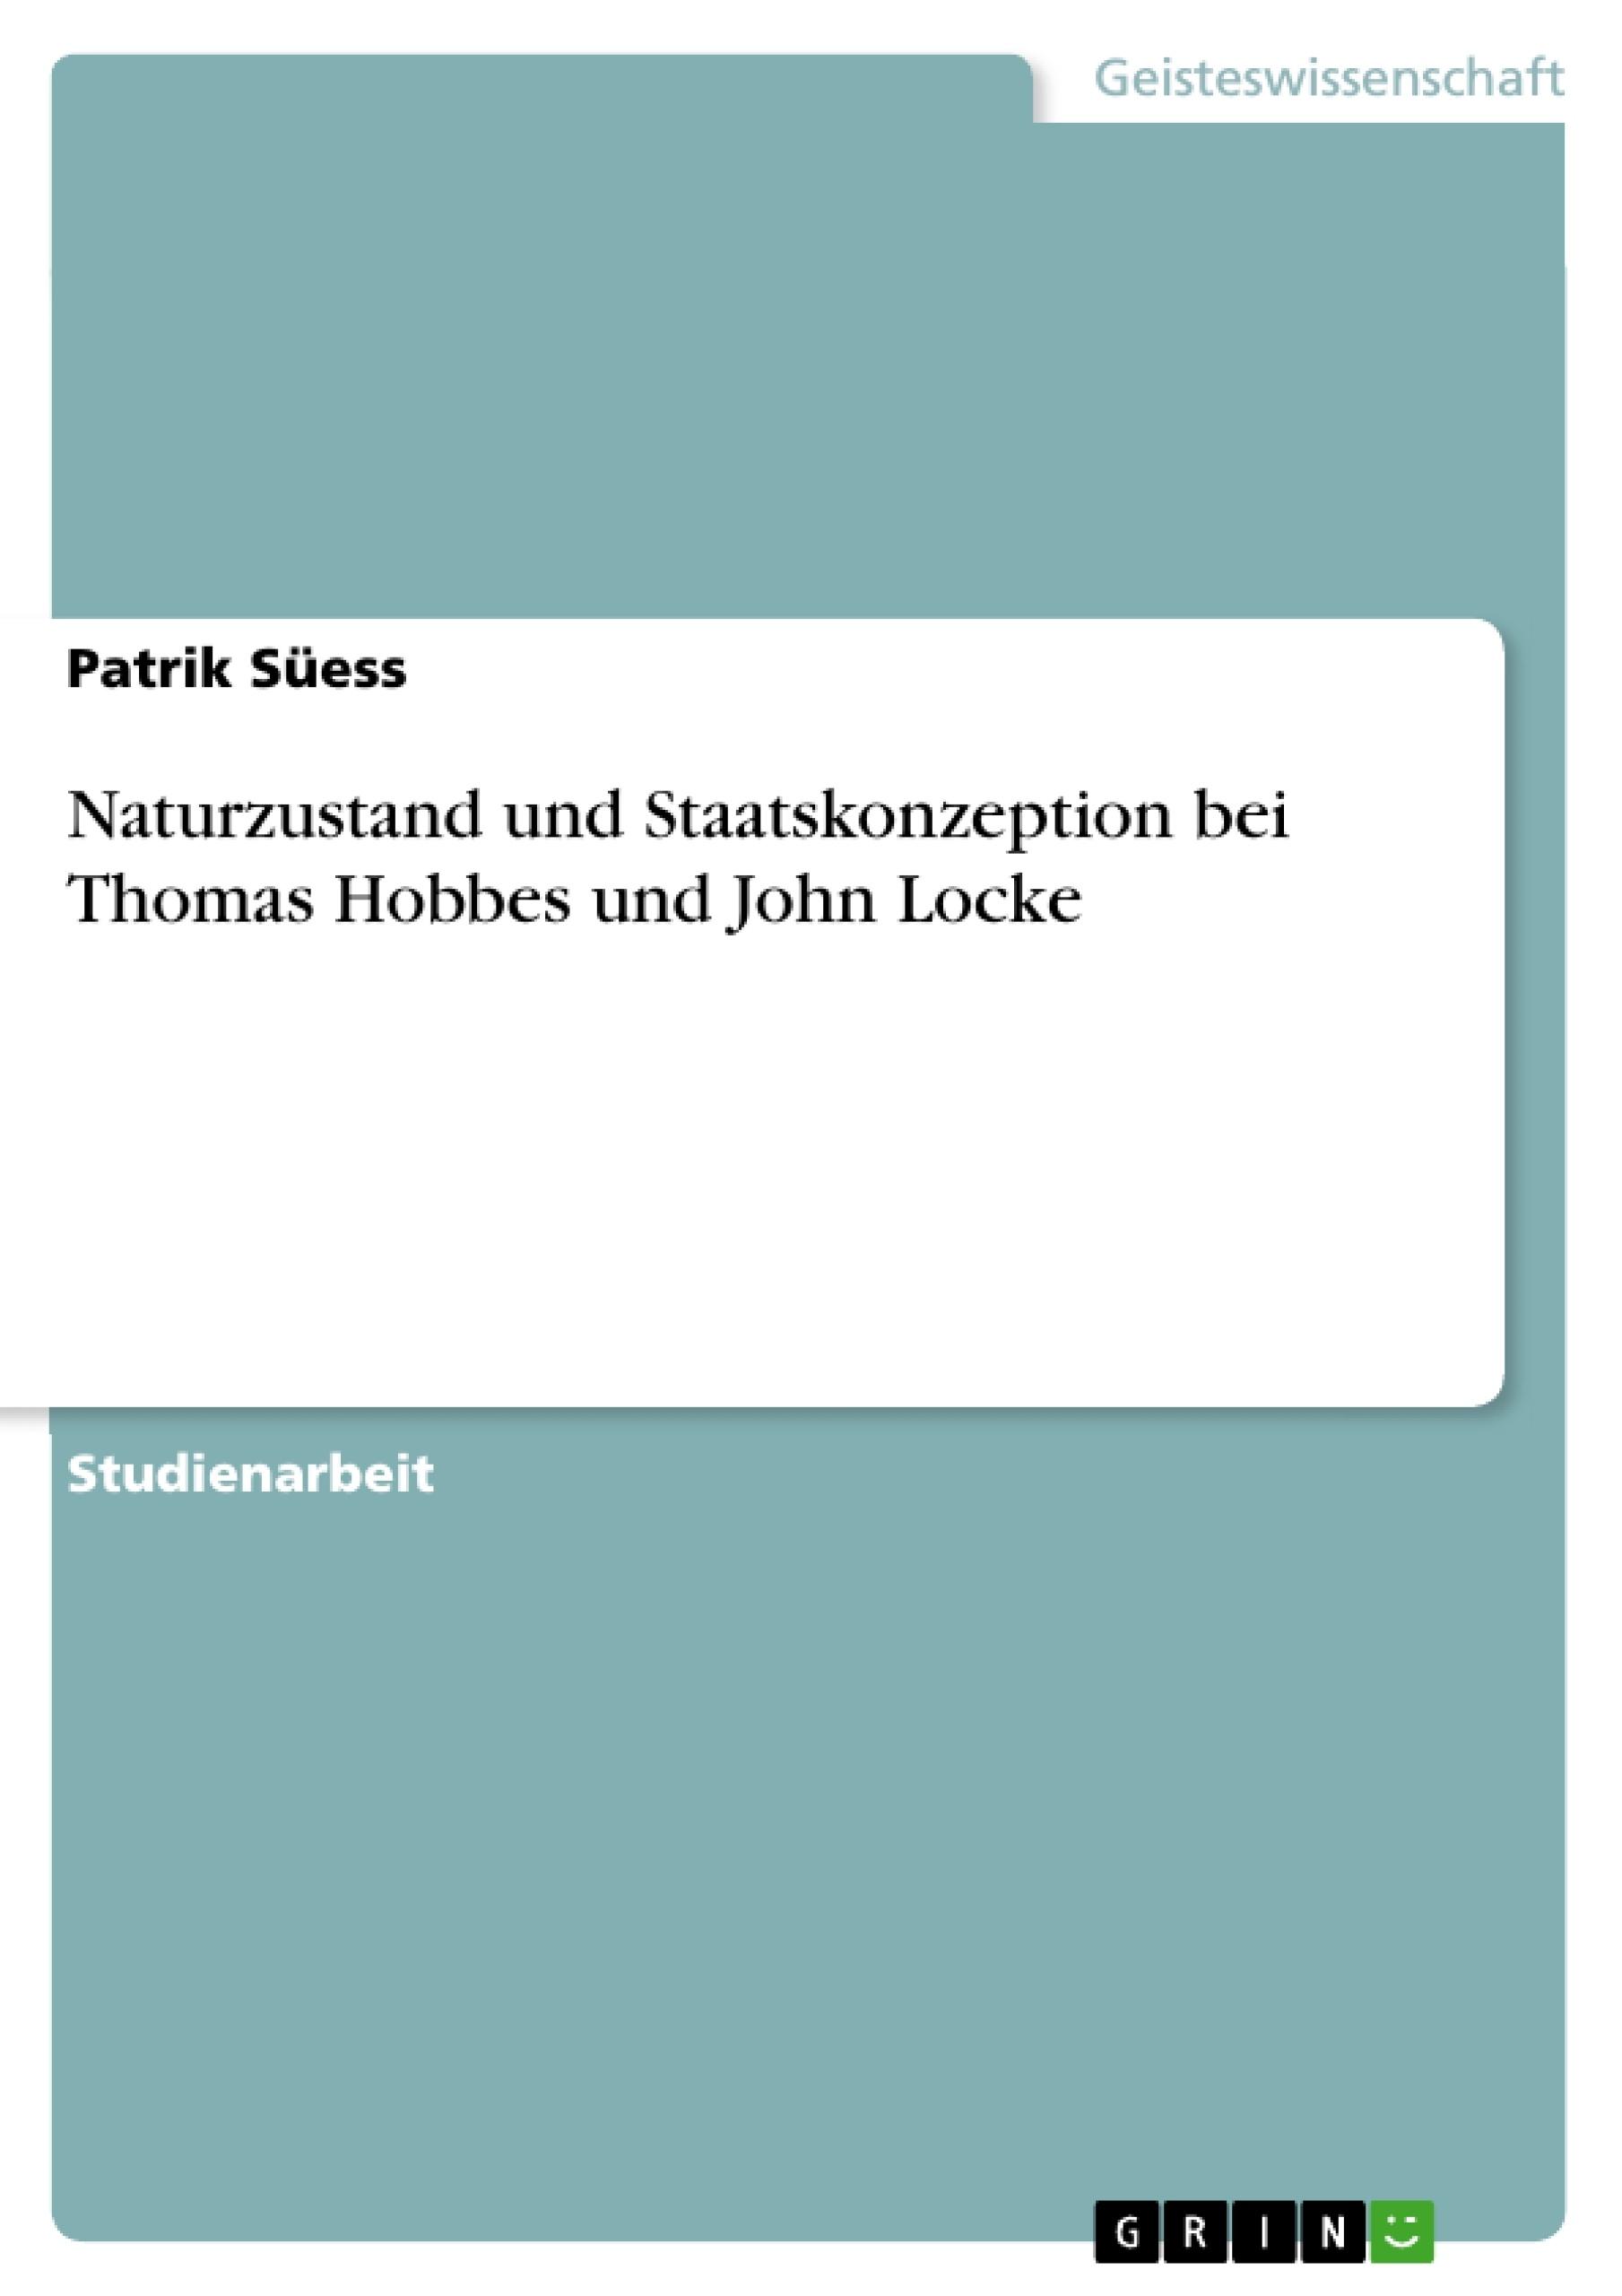 Titel: Naturzustand und Staatskonzeption bei Thomas Hobbes und John Locke